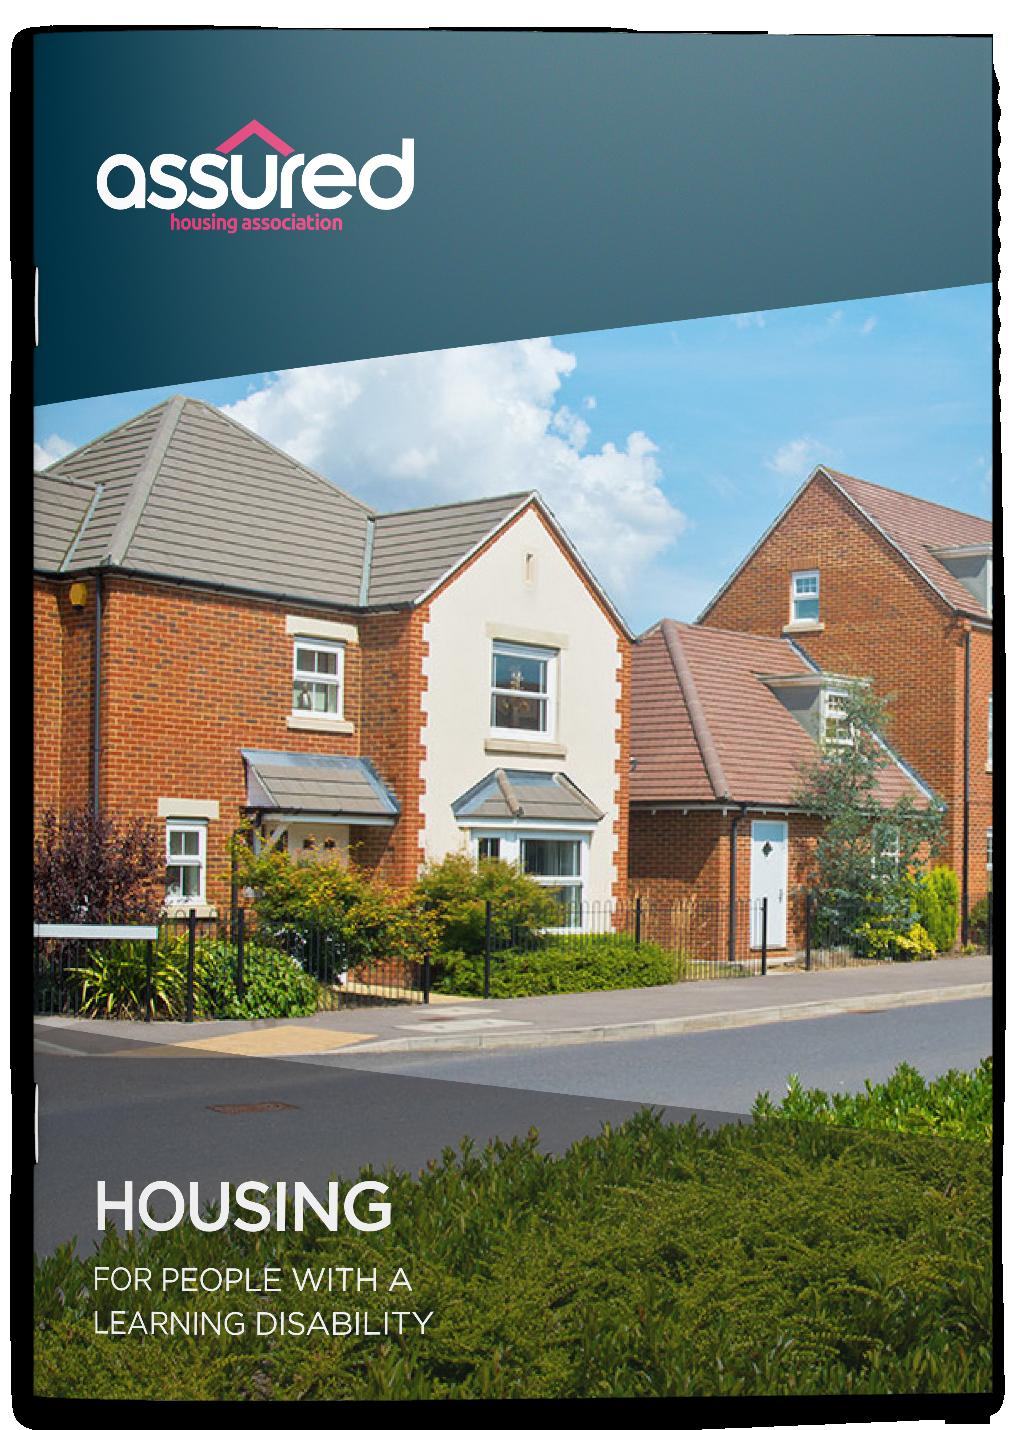 Assured Housing Association